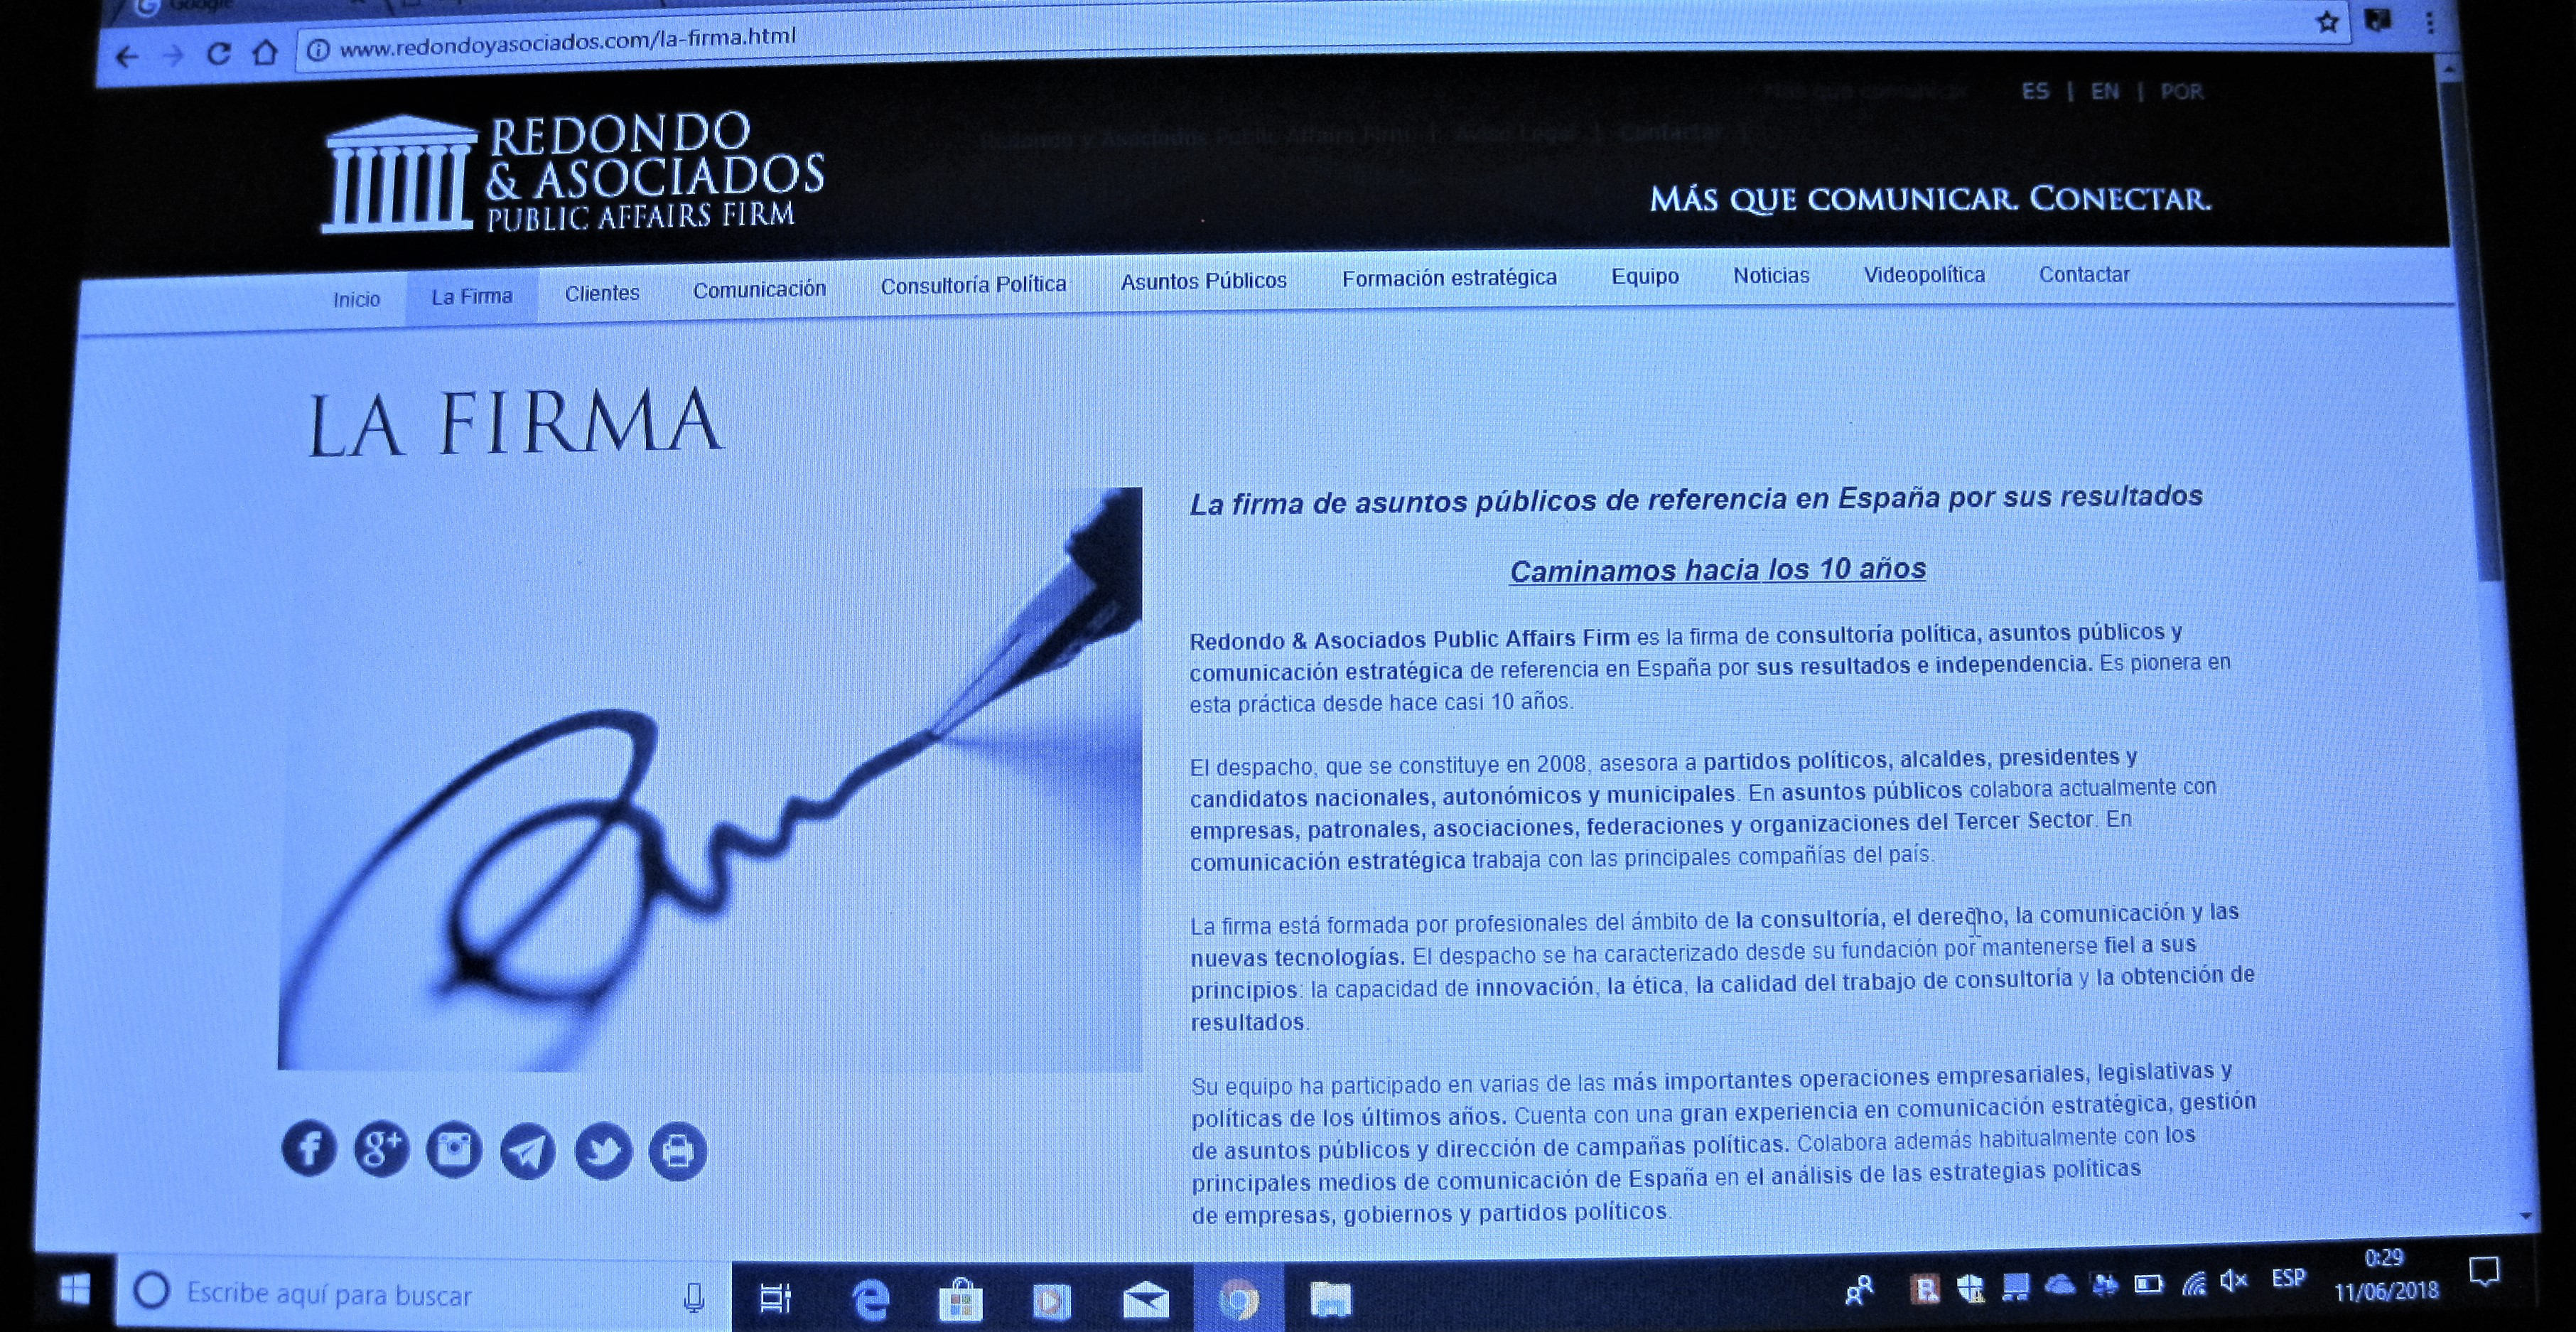 2b Después de alterar la web habla de esas operaciones de forma genérica, sin referirse ya a España y Portugal. PROPRONews